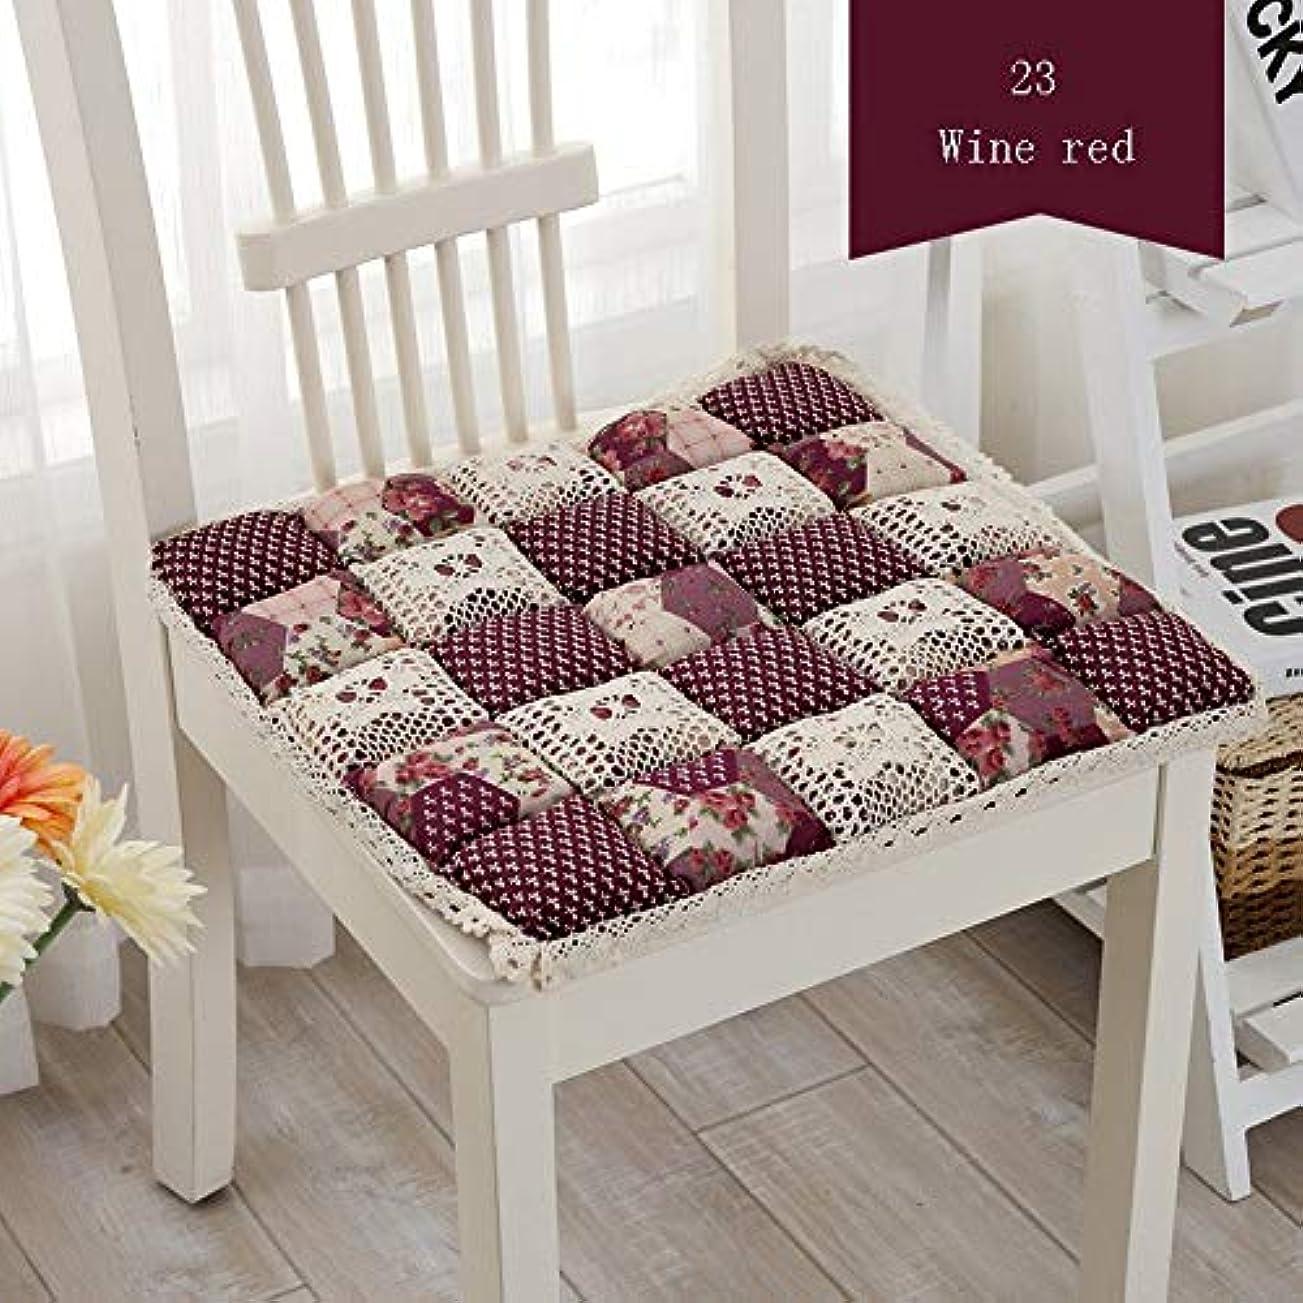 散髪ハイブリッド多数のLIFE 1 個抗褥瘡綿椅子クッション 24 色ファッションオフィス正方形クッション学生チェアクッション家の装飾厚み クッション 椅子